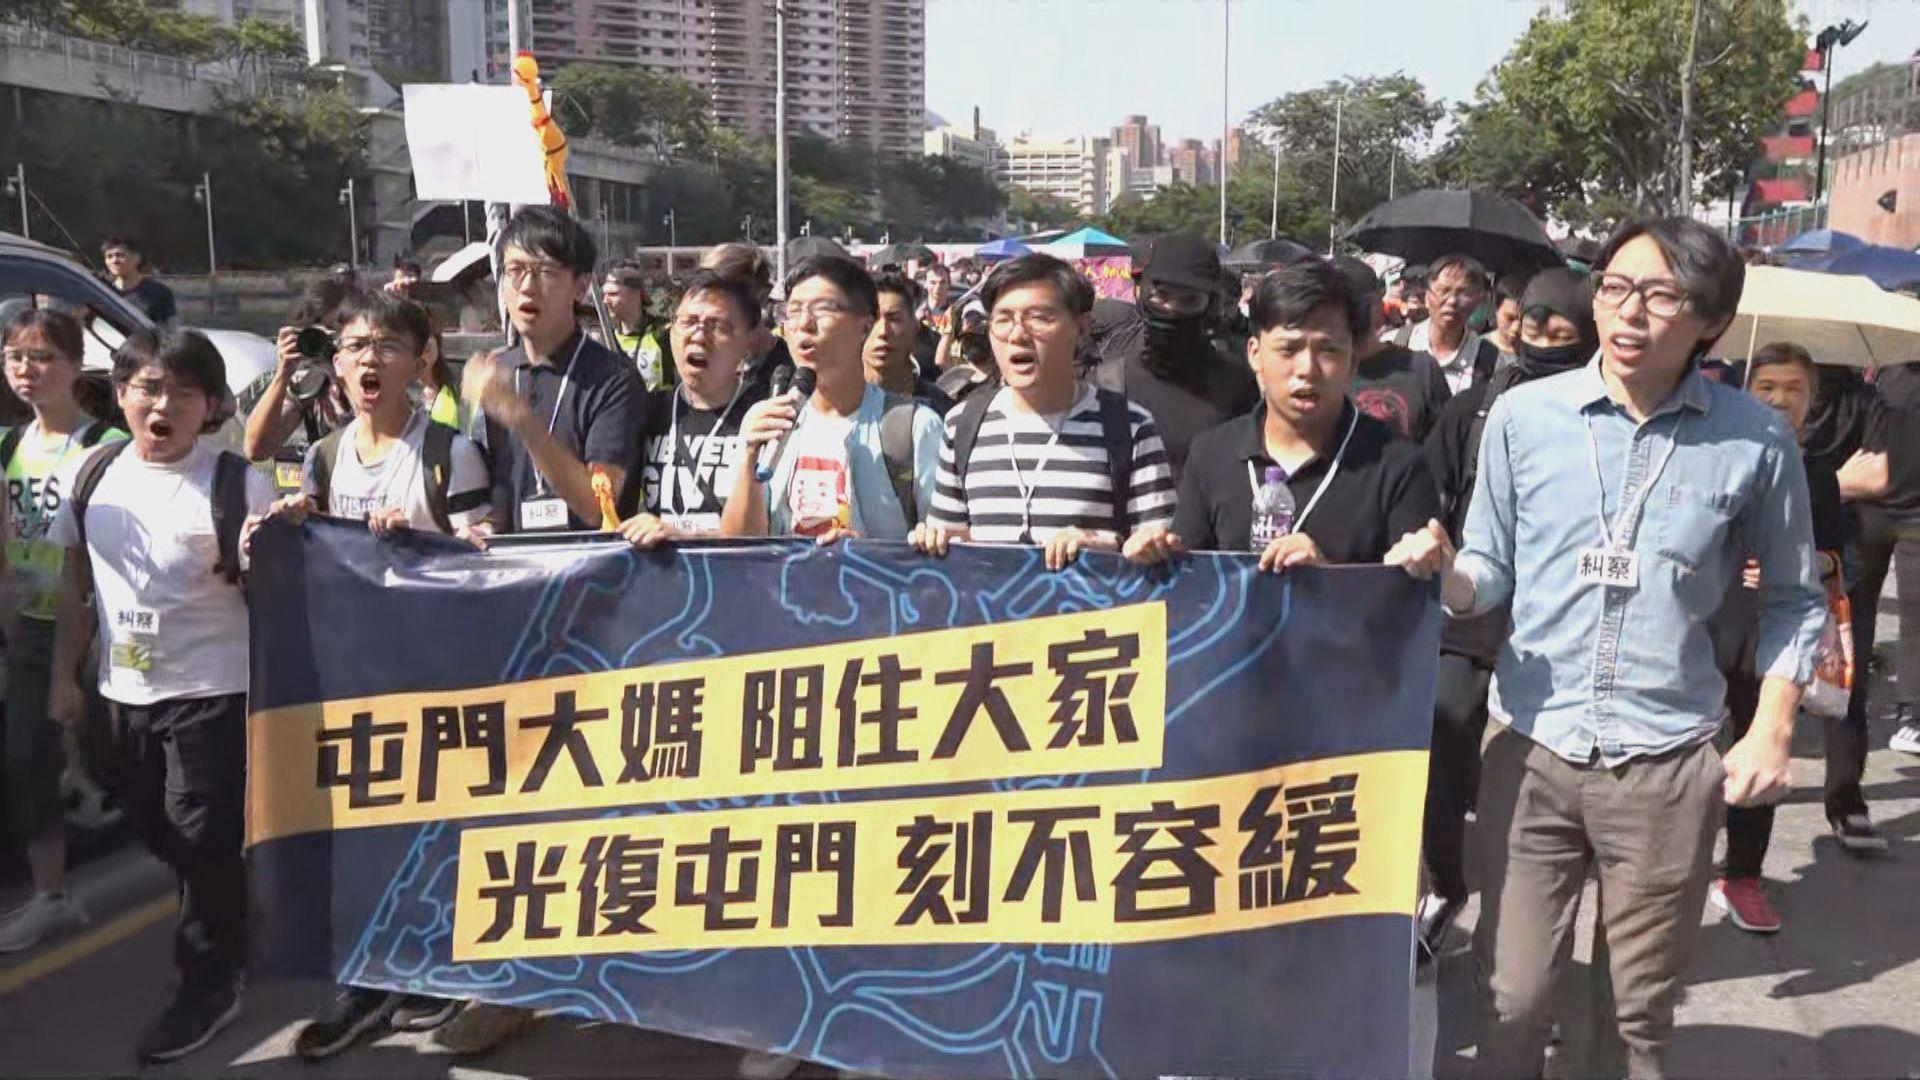 團體發起光復屯門公園遊行 警方以黃旗警告